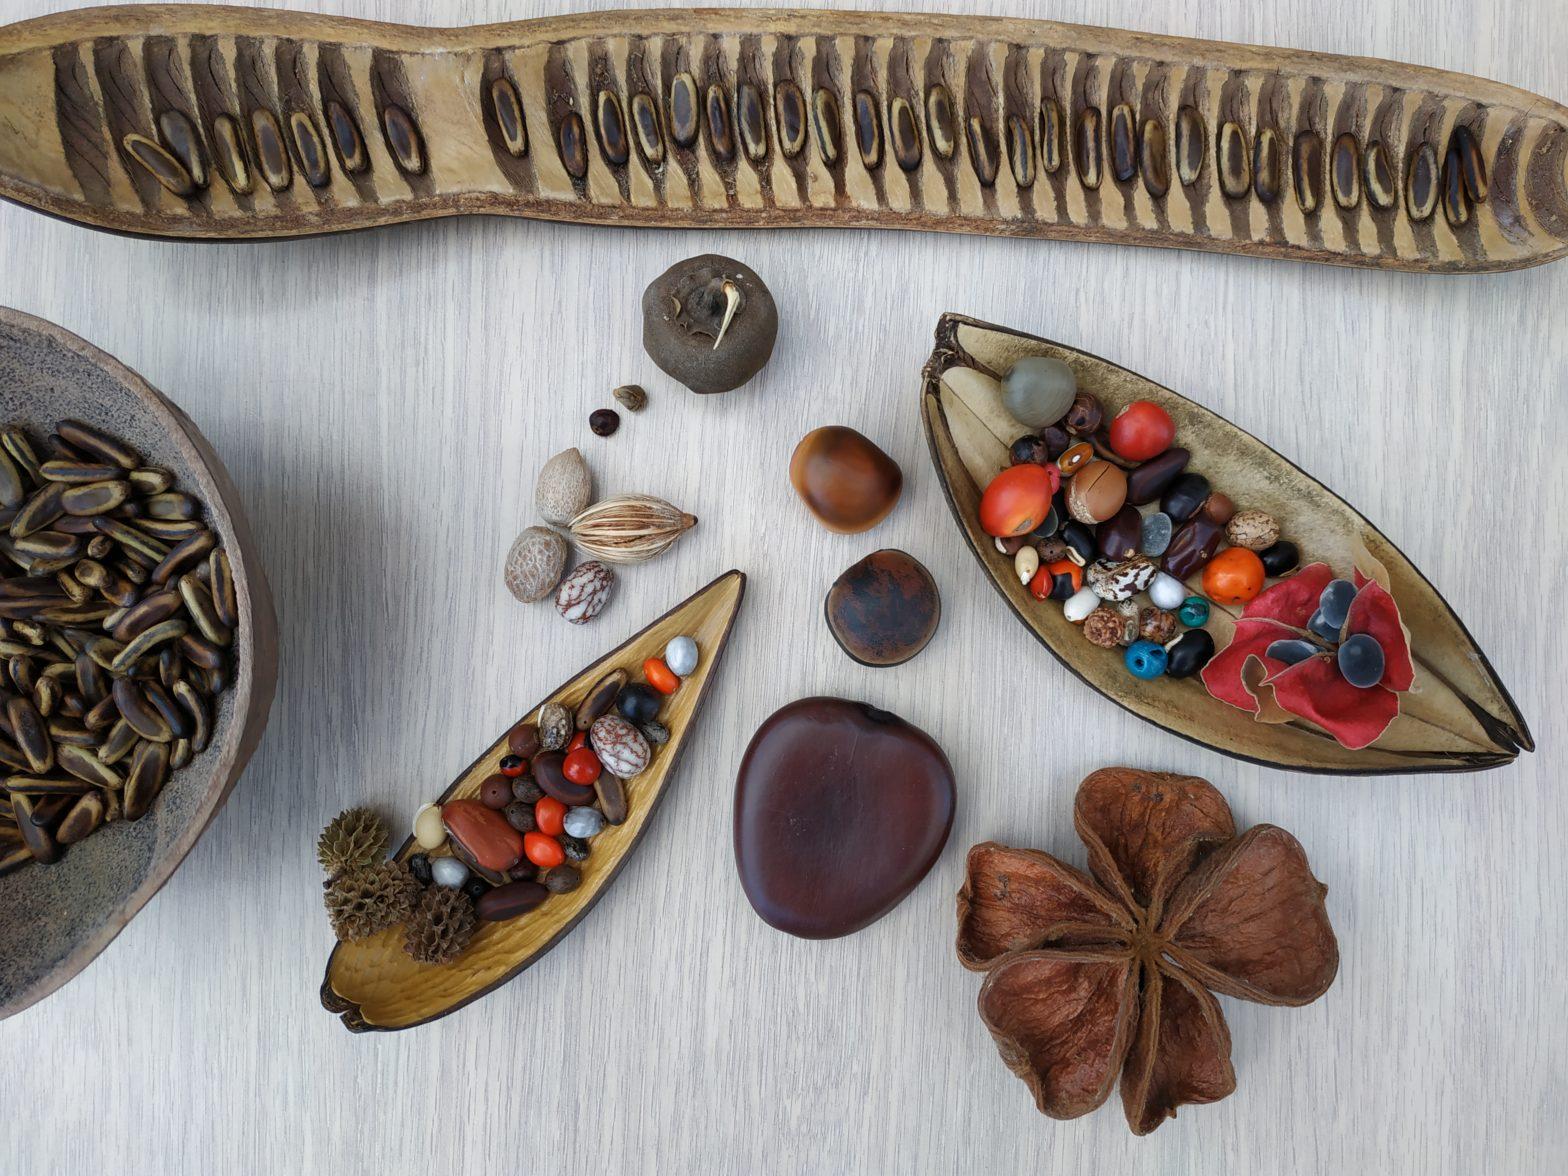 Panaché de graines des Antilles que j'utilise pour la création de mes bijoux. On y retrouve par exemple les graines de flamboyant dans leur grande cosse, la grosse graine wawa, un oeil de boeuf ou encore les perles de zanzibar dans leur belle fleur rouge.